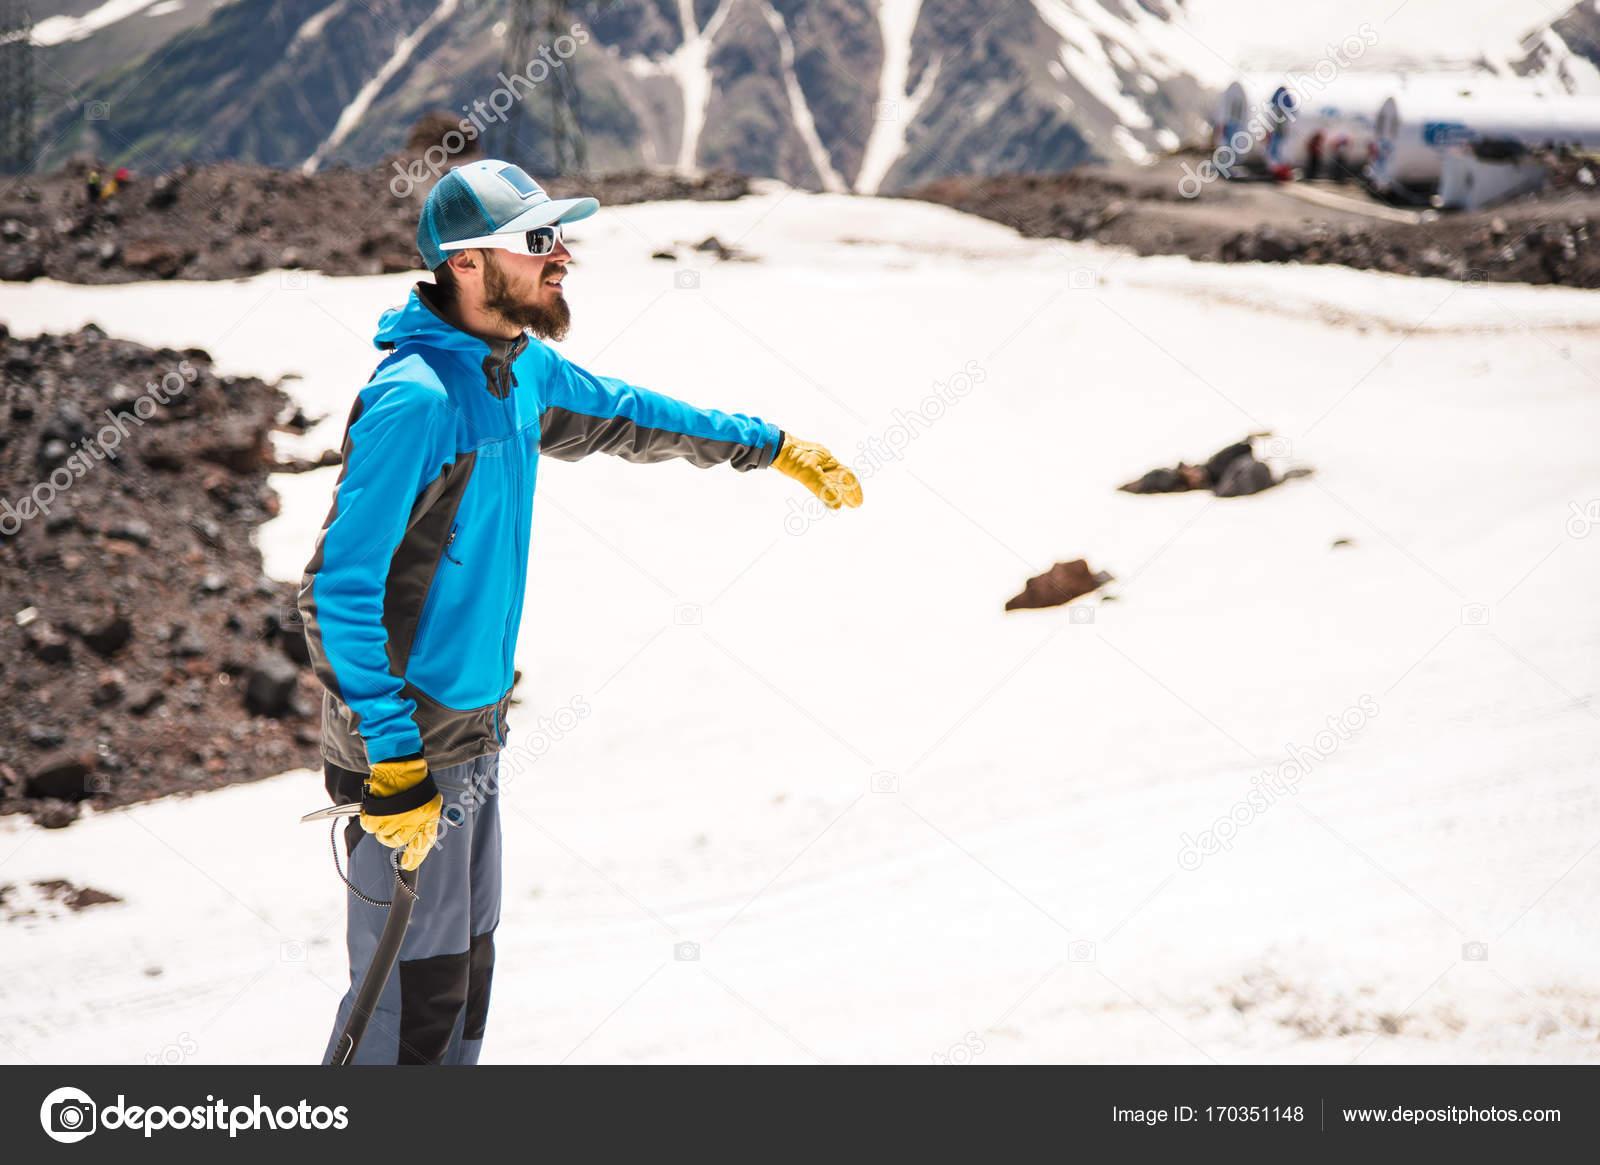 812f0434de Formation de corriger glisser sur une pente ou d'un glacier à l'aide d'une  hache de glace. Un jeune guide avec une barbe explique à son groupe comment  ...